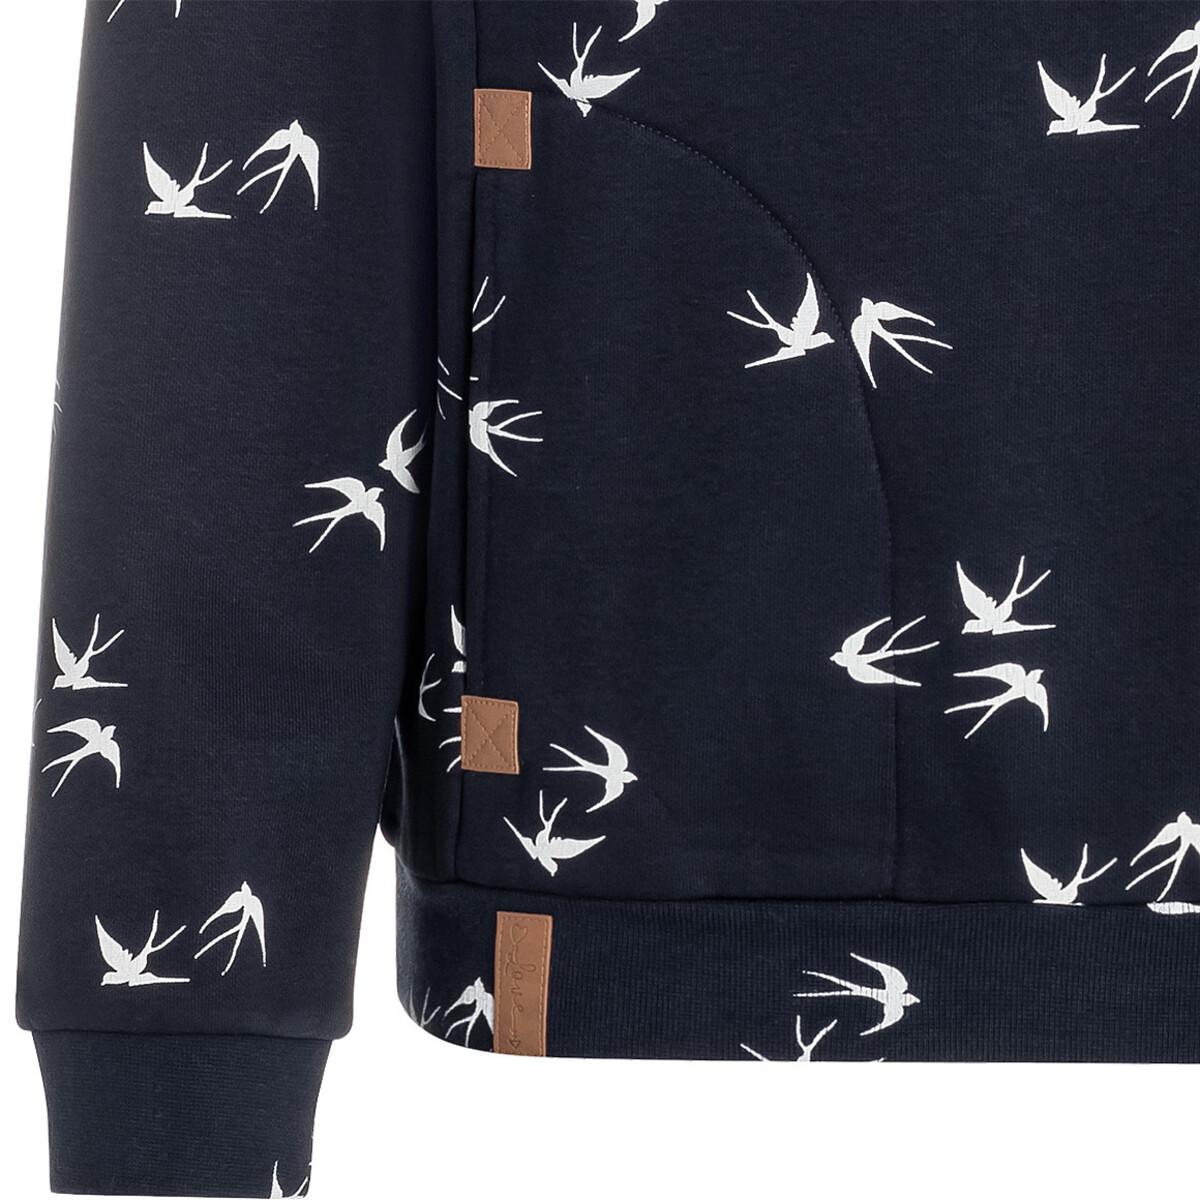 Bild 4 von Damen Sweatshirt mit Schwalben-Allover